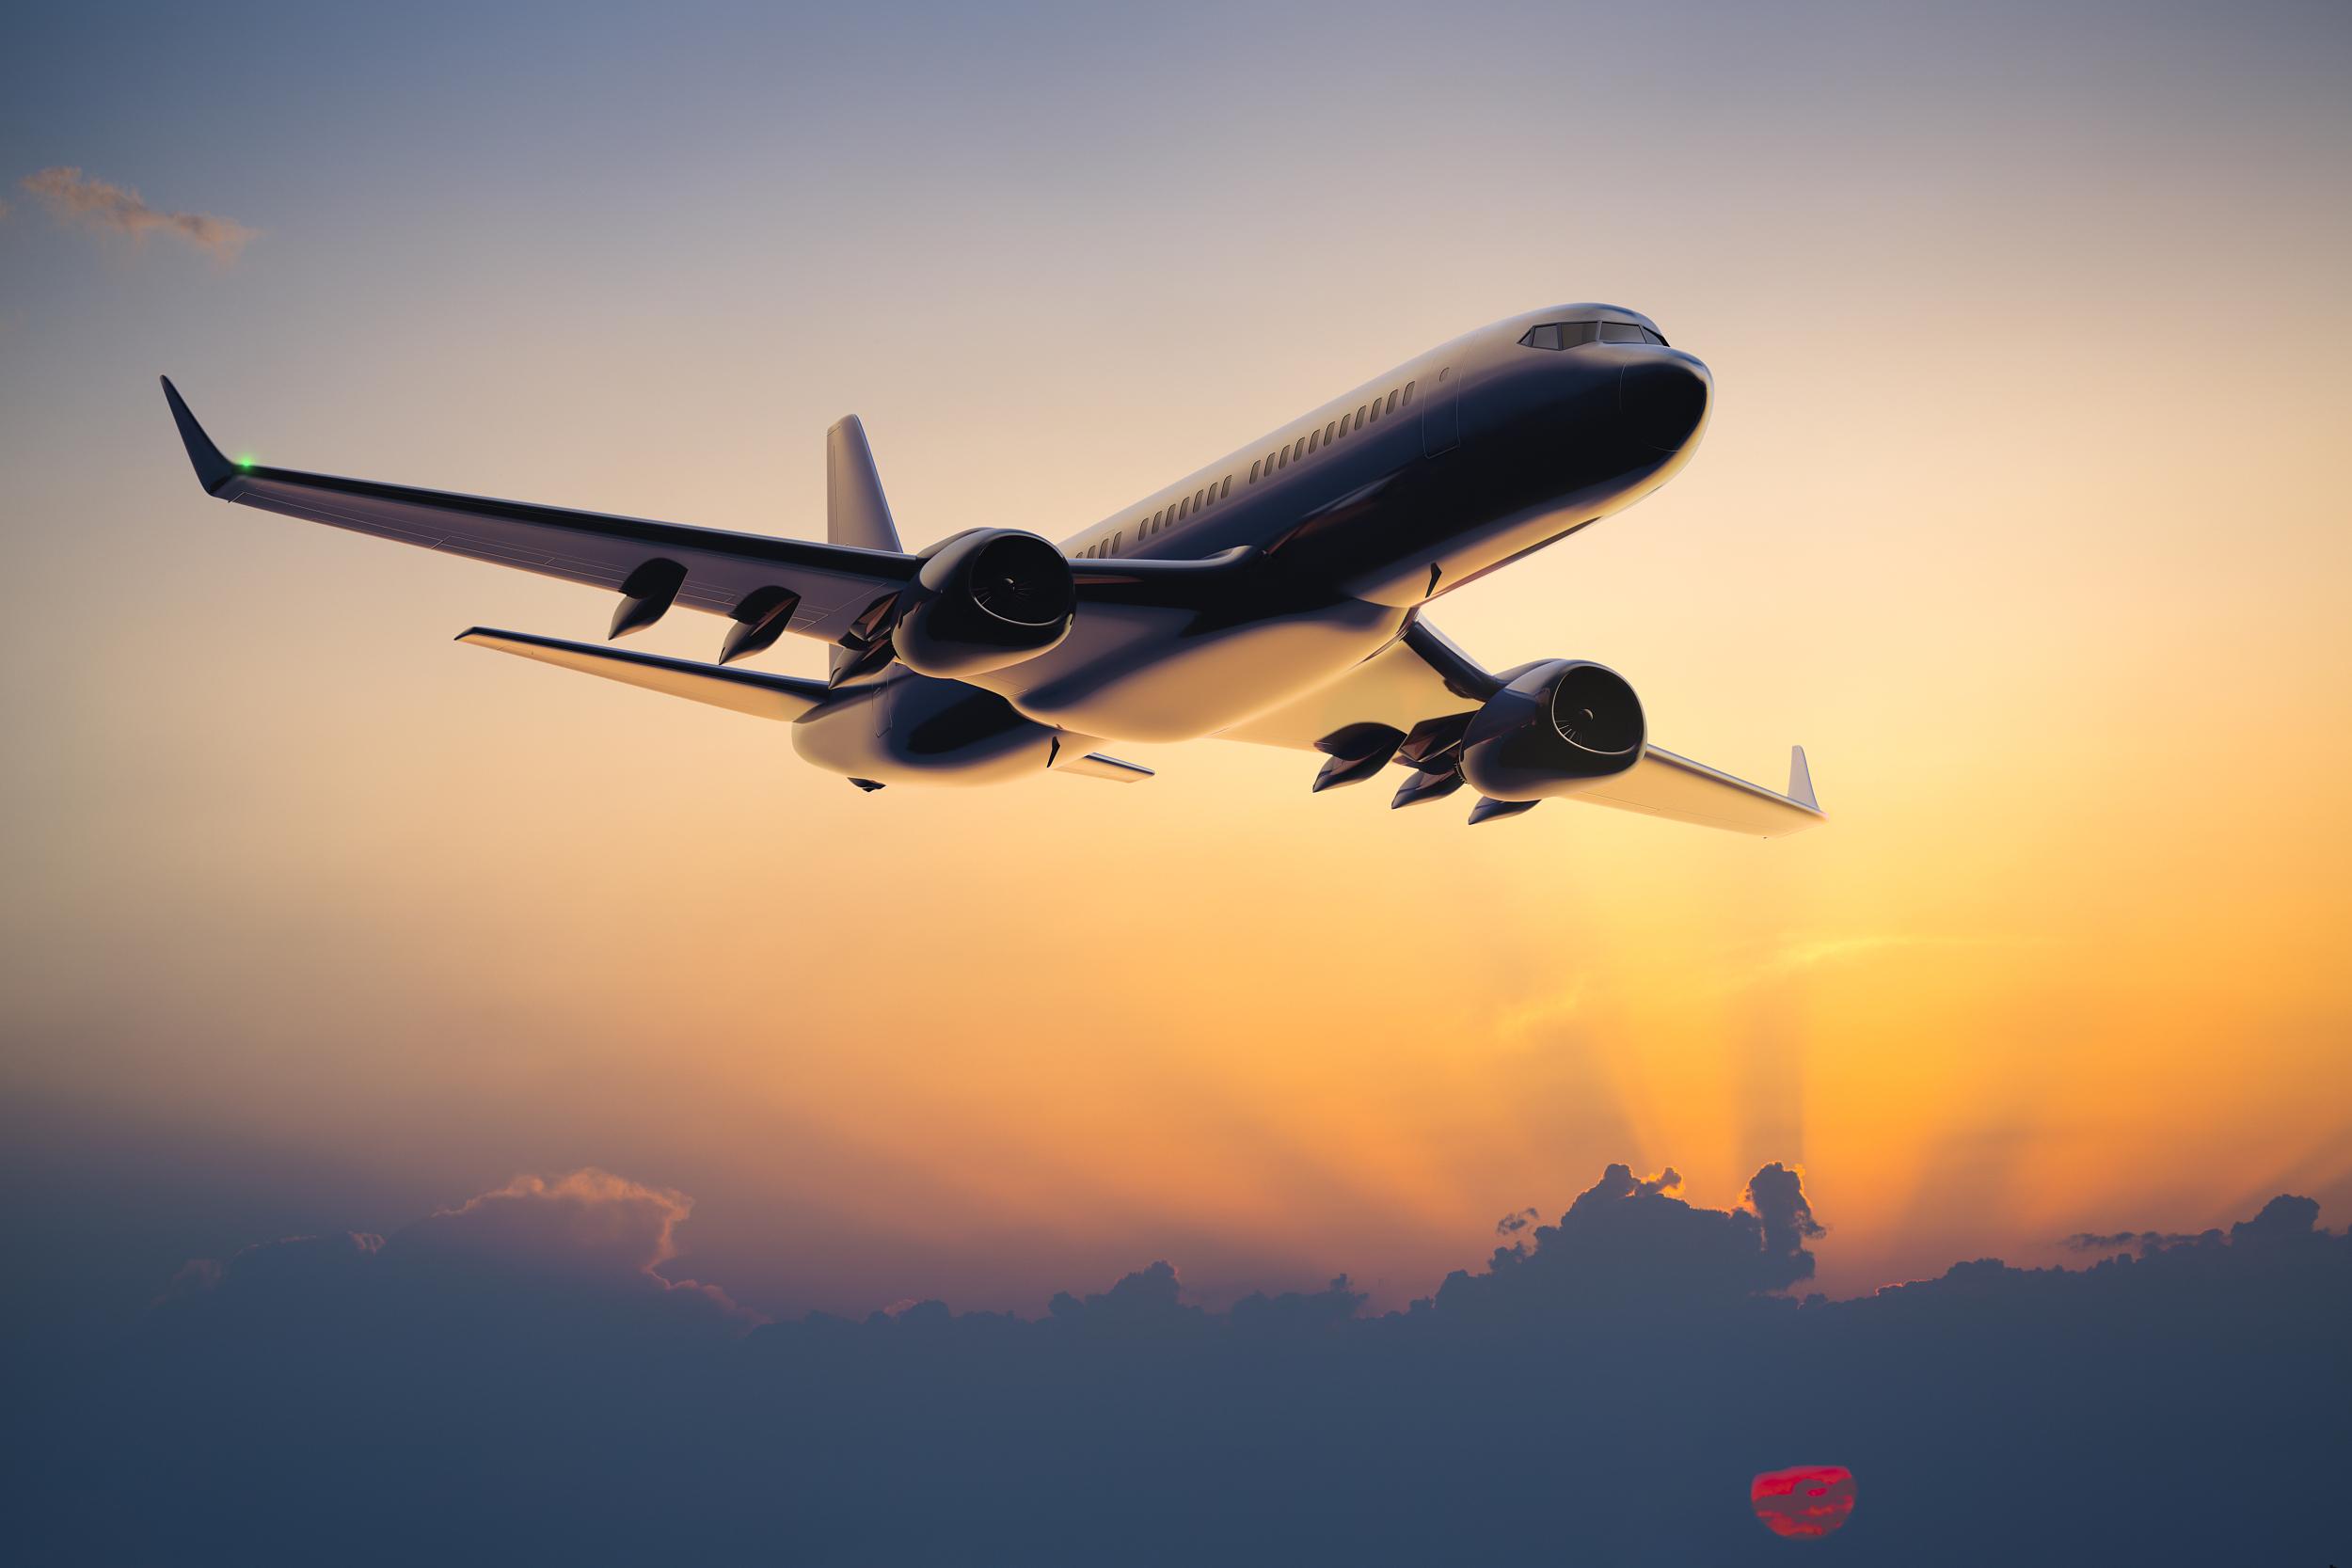 2035年第一架!空客下注氢能源飞机